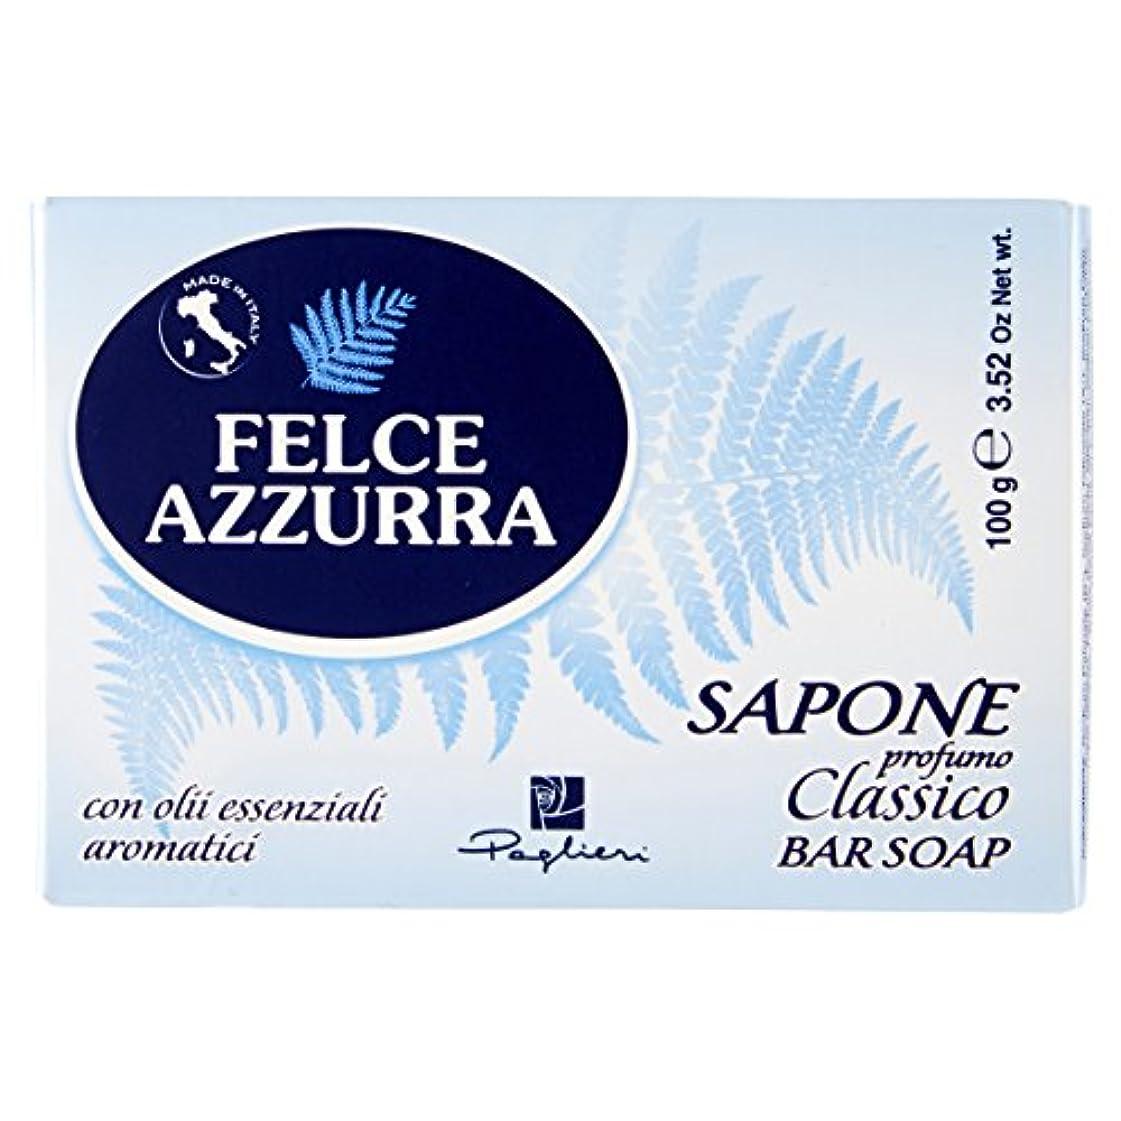 体操選手に慣れひどくFelce Azzurra Classico Bar Soap 100g soap by Felce Azzurra by Felce Azzurra